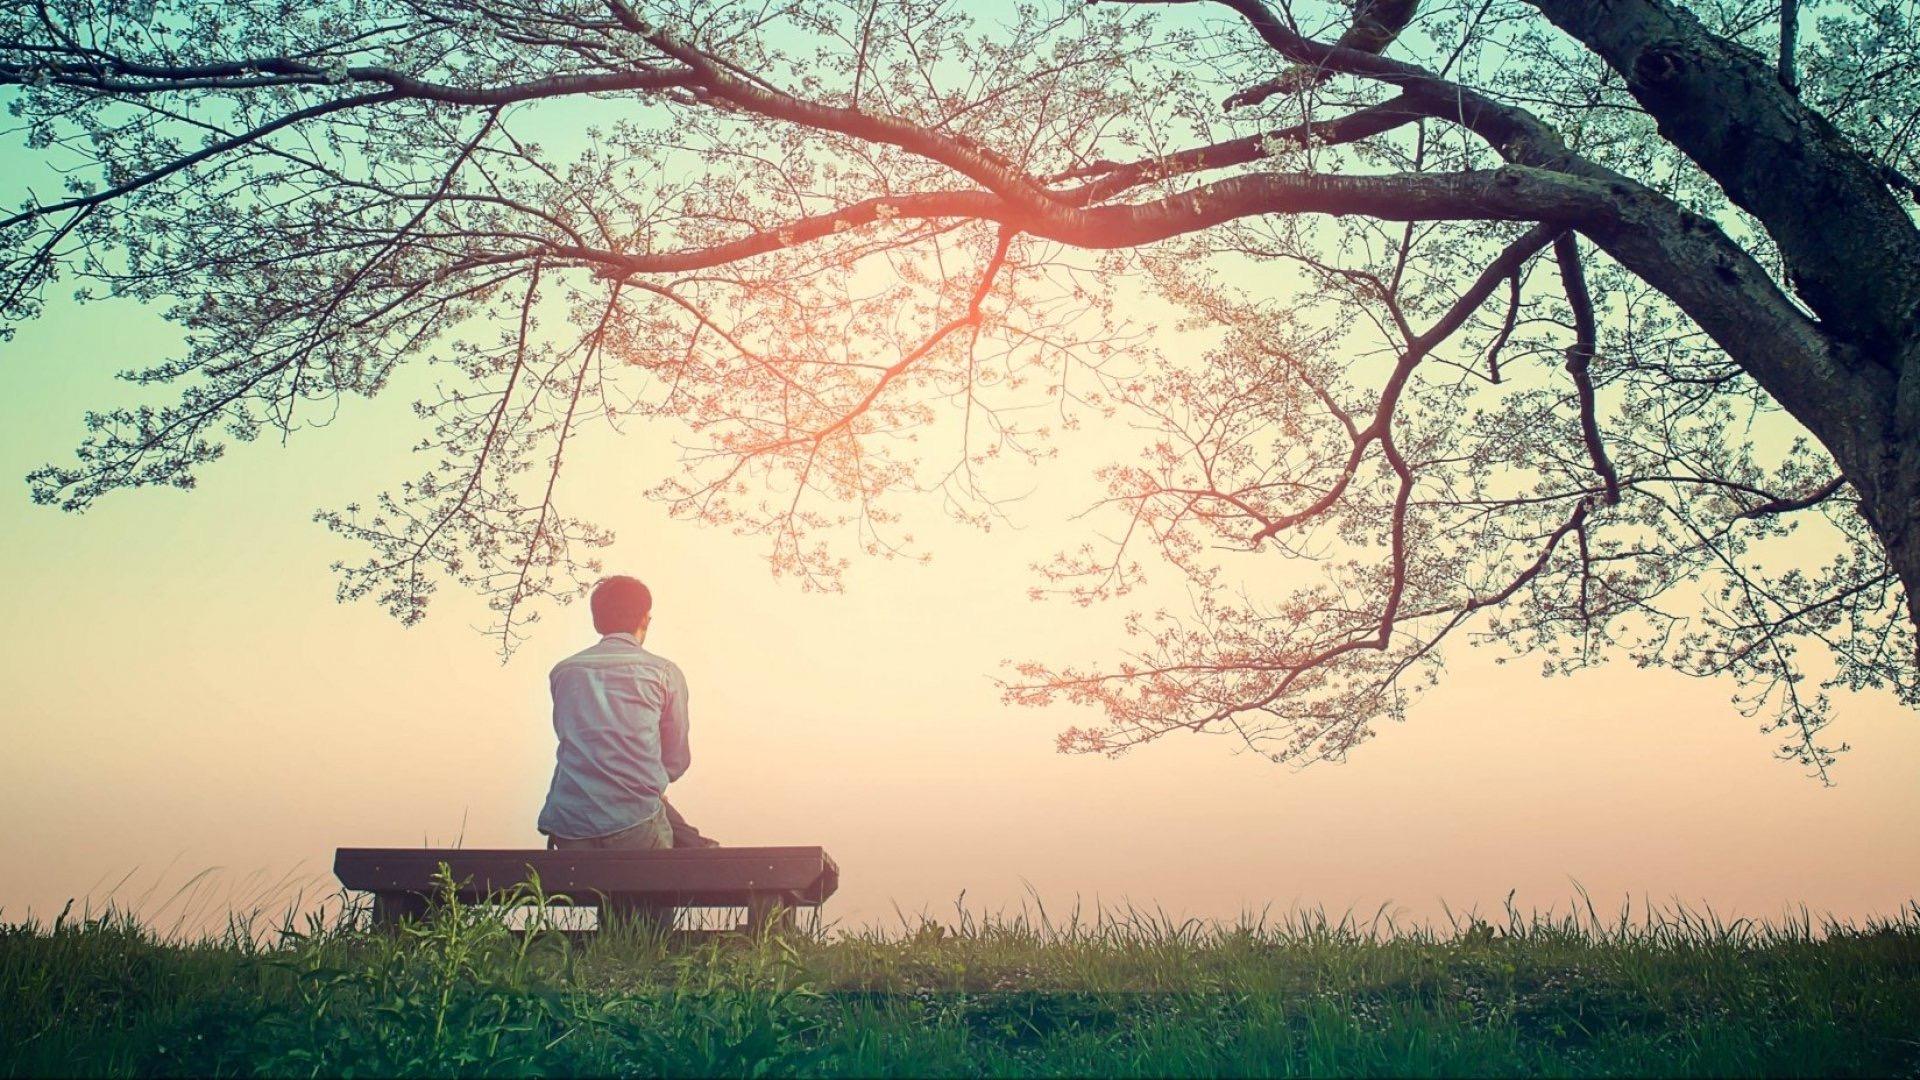 Насичена душа. Що робити коли на душі сум і неспокій?